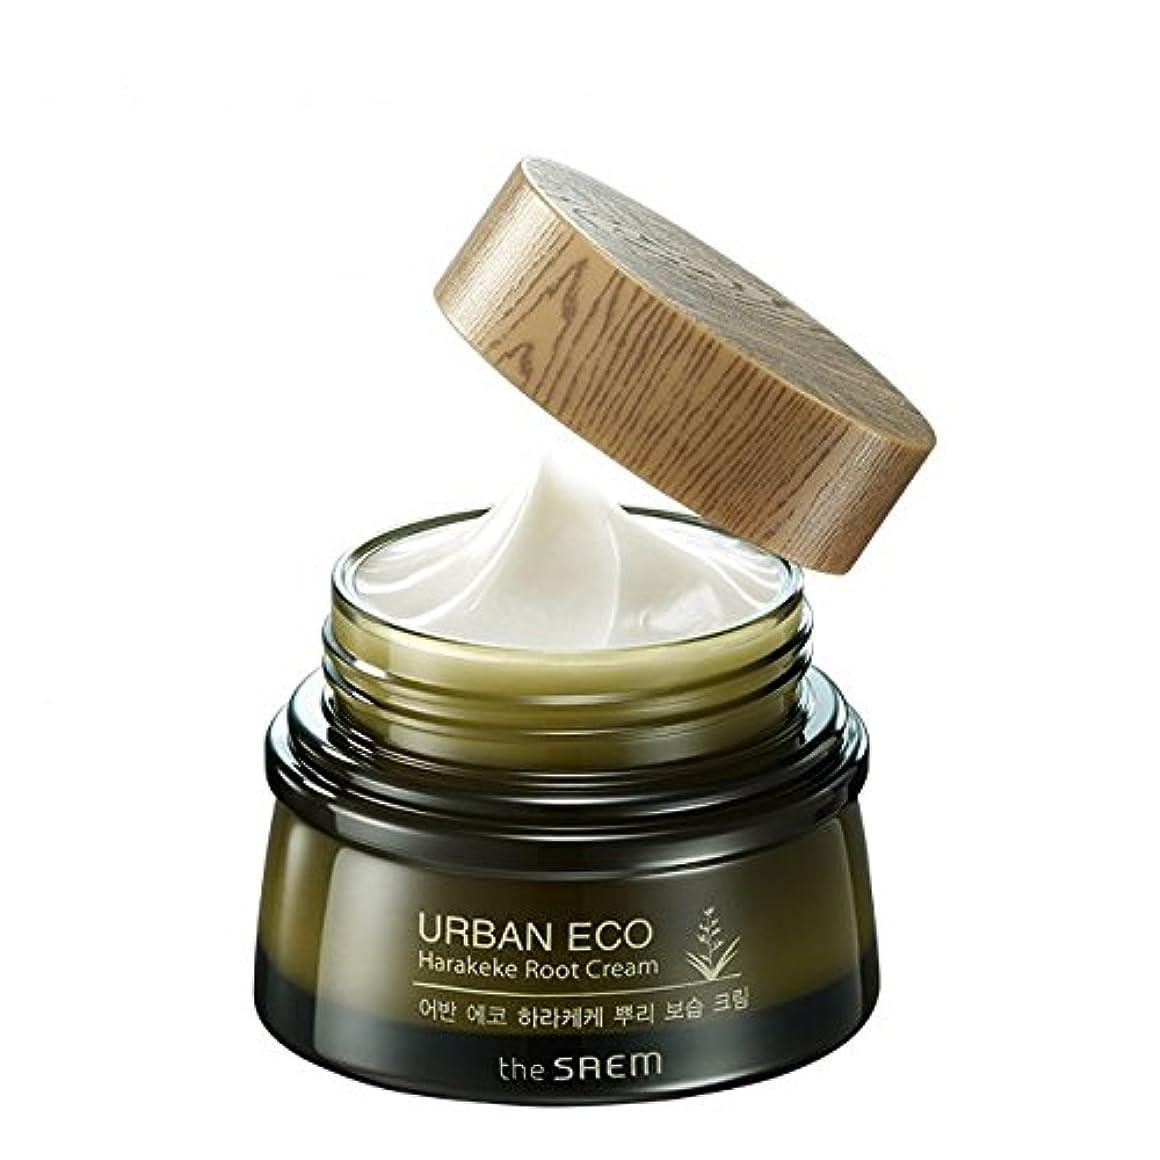 切断する変形するオリエンテーション[ザセム] The Saem [アーバンエコ ハラケケ 根保湿クリーム60ml (The Saem Urban Eco Harakeke Root Cream60ml)